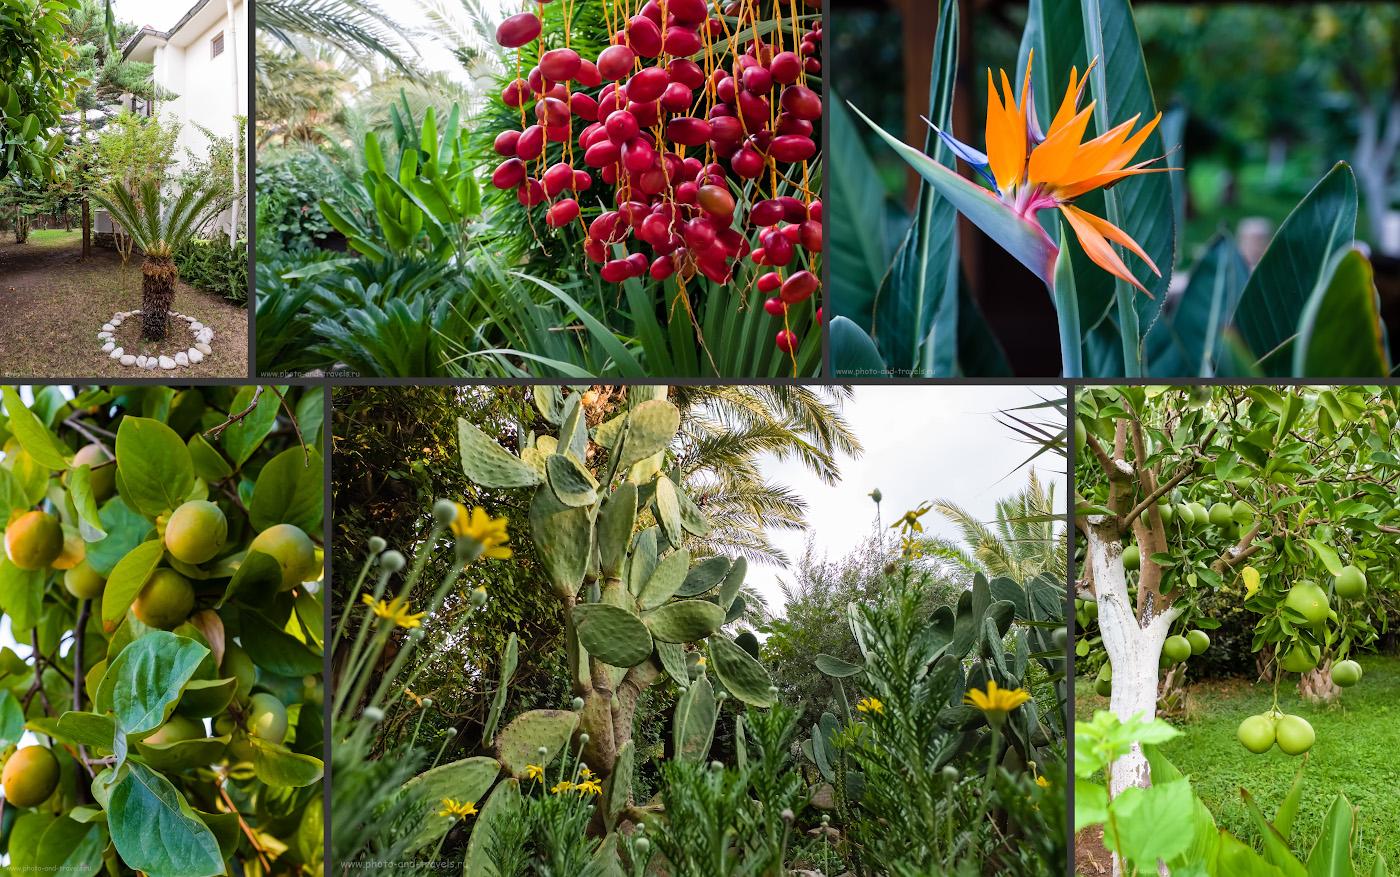 Фото 7. Такая растительность окружала наш домик в отеле Чиралы (слева вверху). В середине вверху – финики. Слева внизу – хурма. Справа внизу – то ли помело, толи грейпфрут.